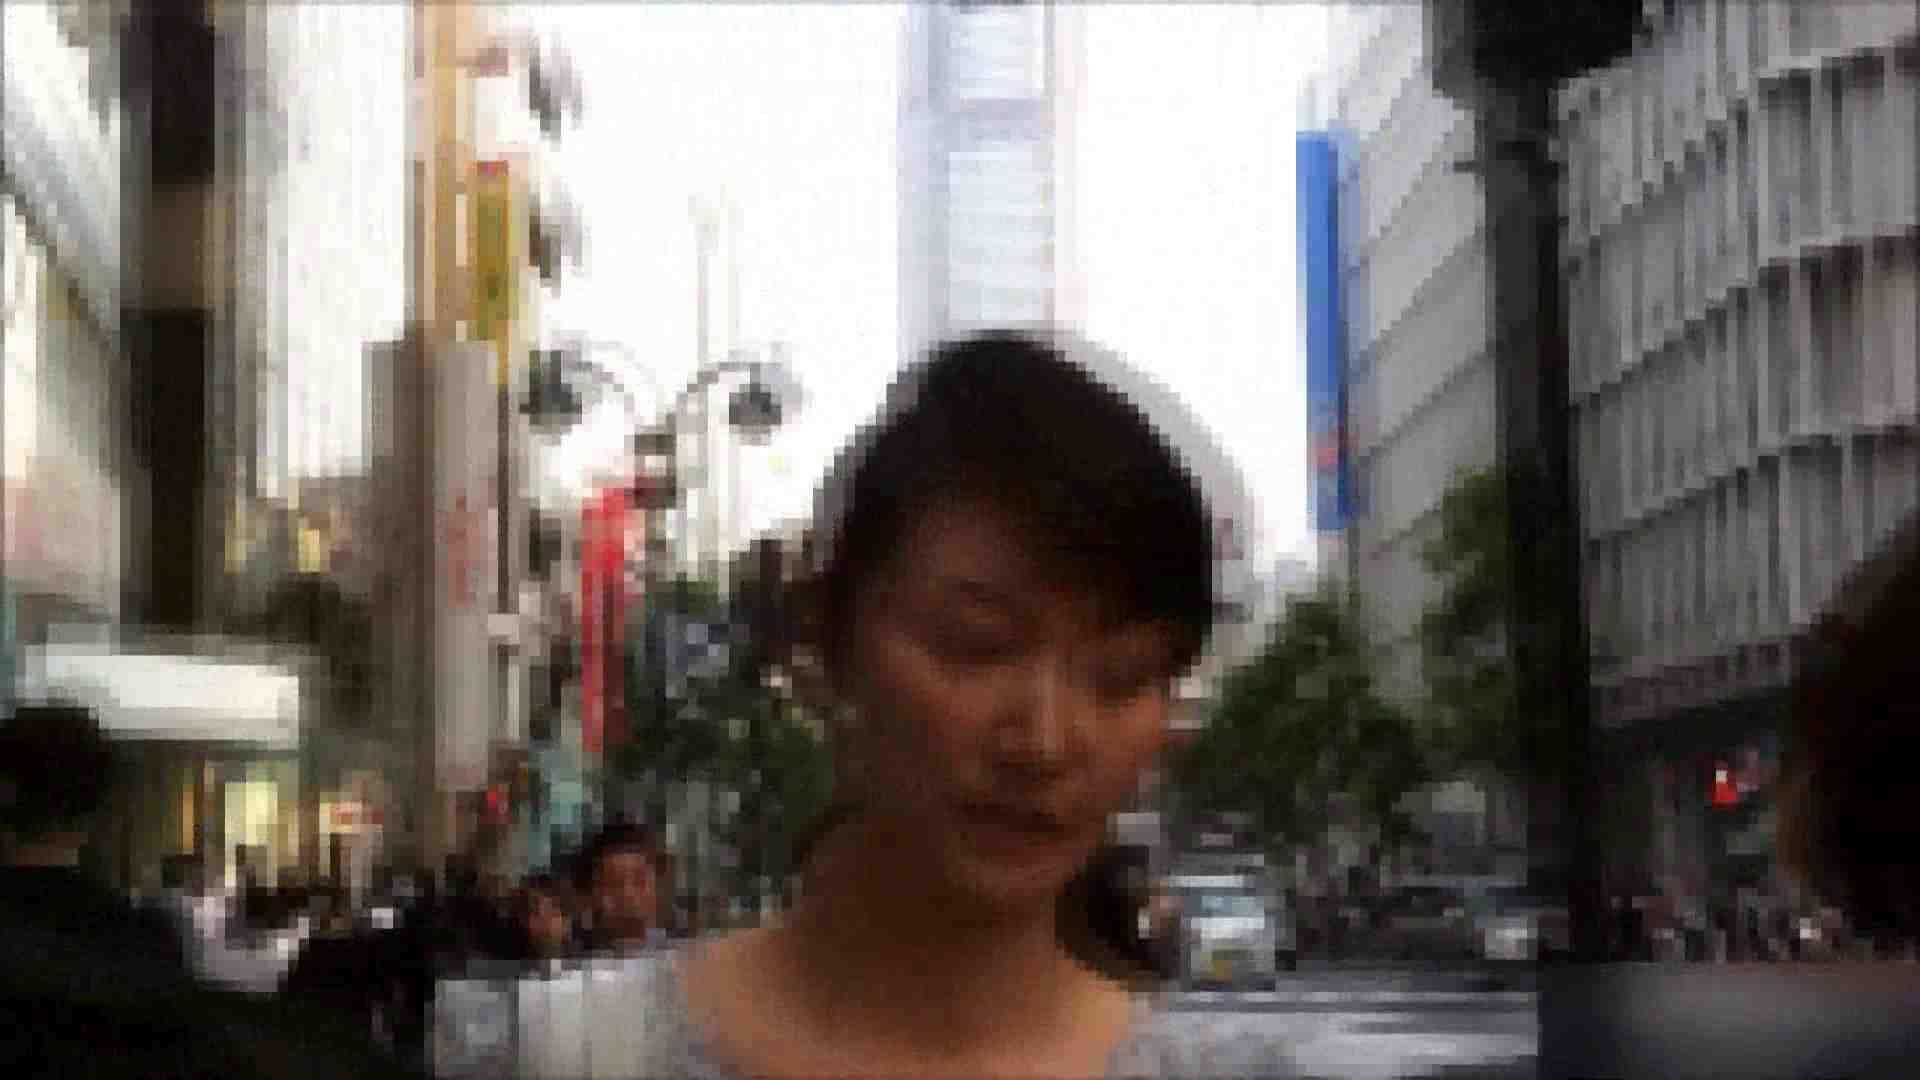 ガールズパンチラストリートビューVol.001 パンチラのぞき   ギャルのエロ動画  106画像 77